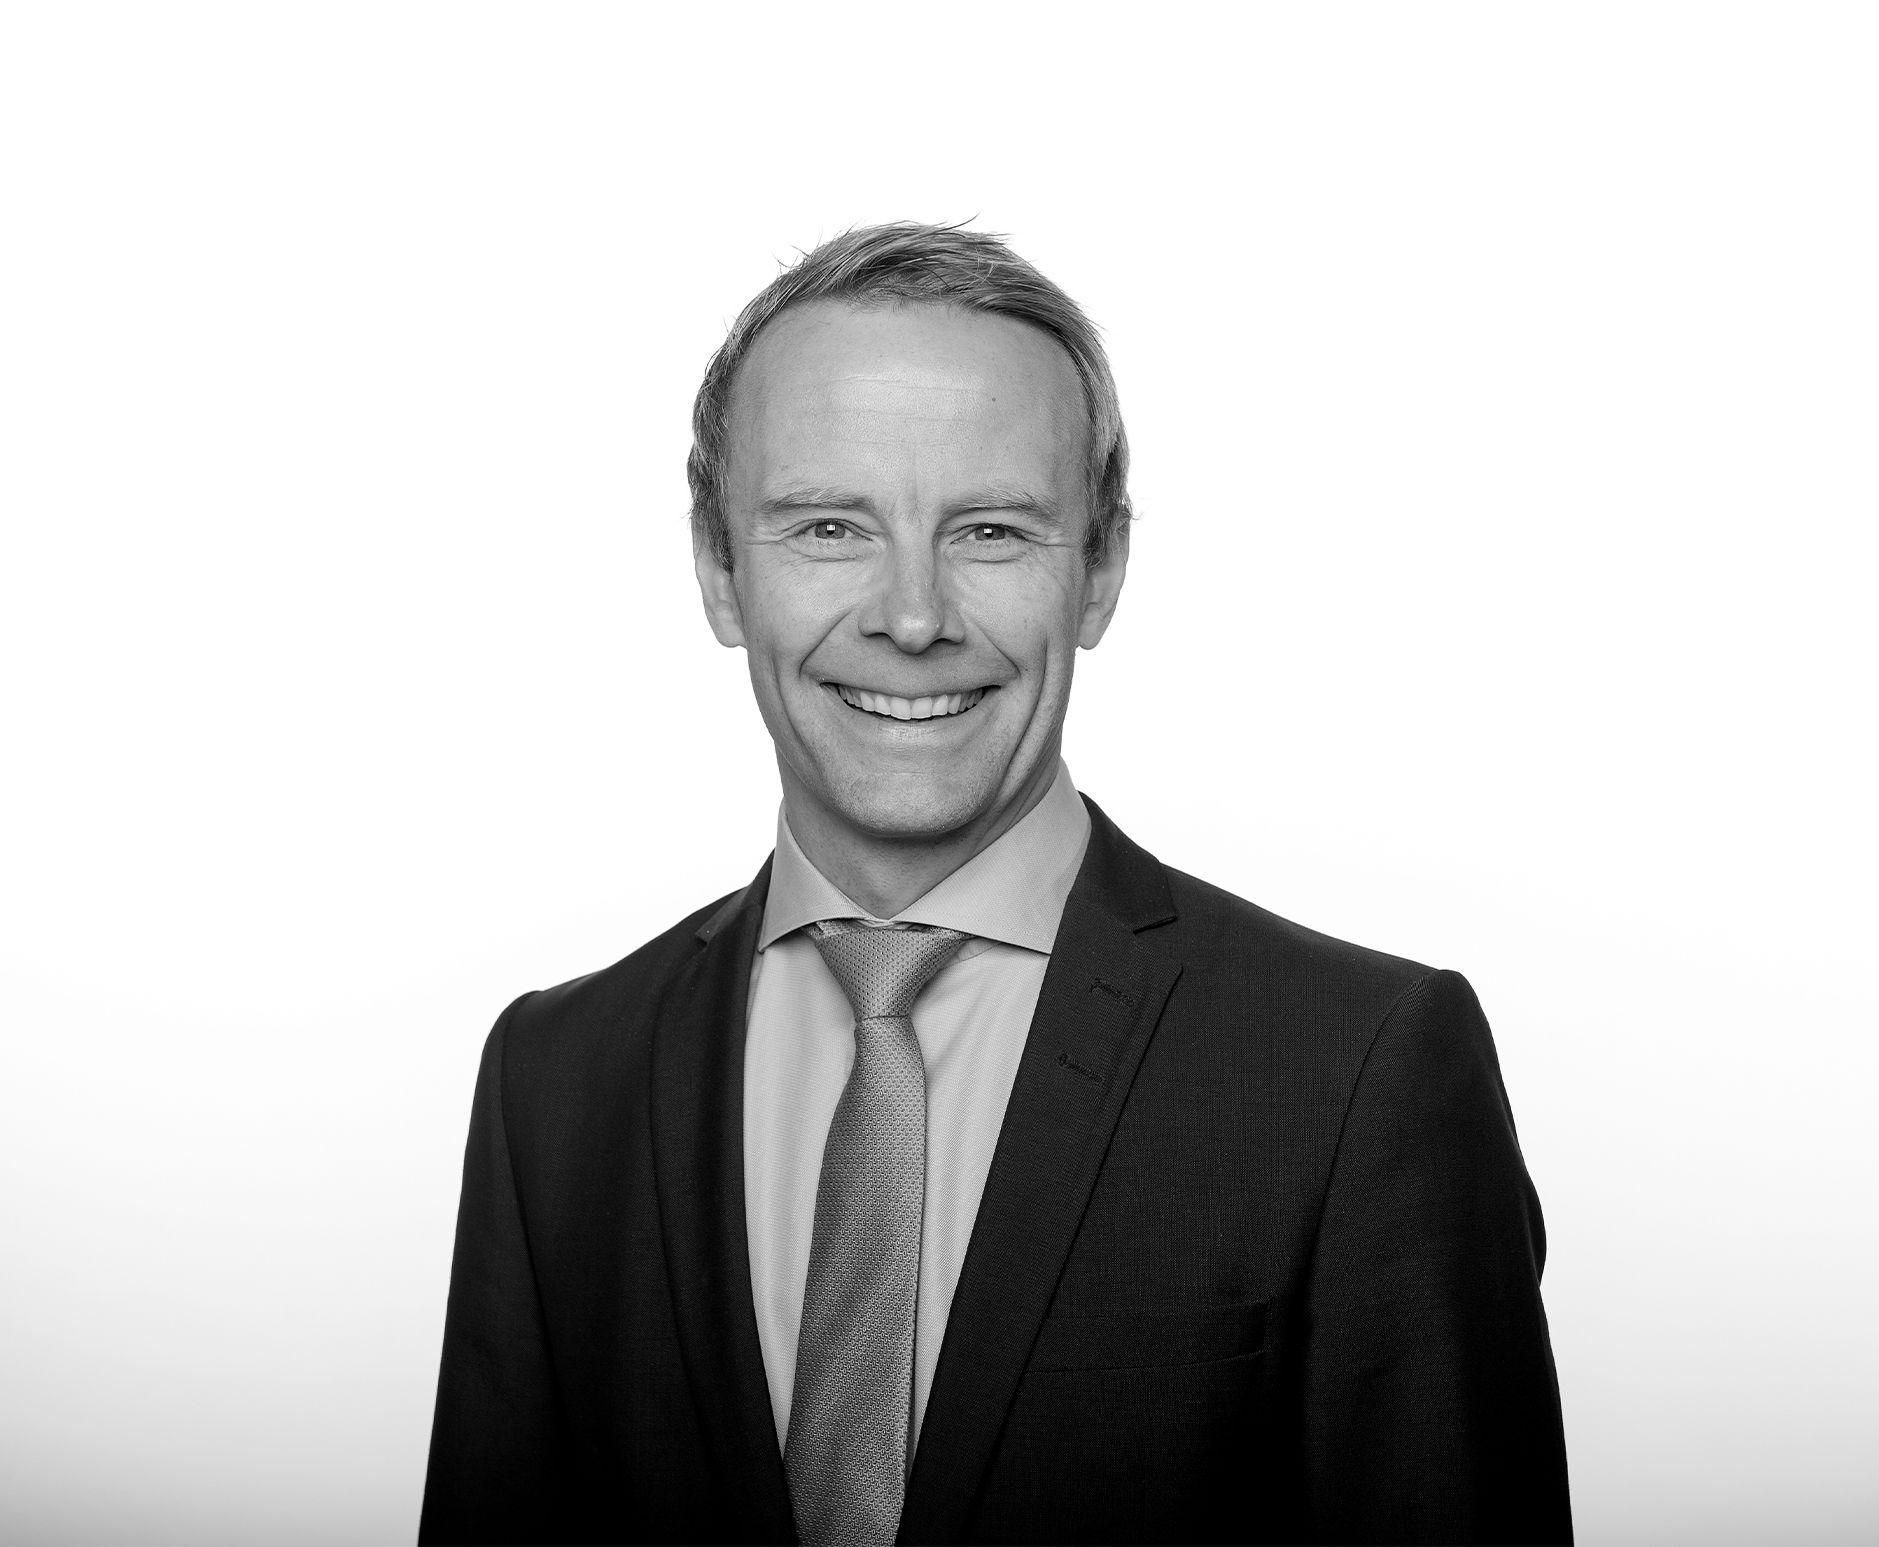 Georg Nygaard